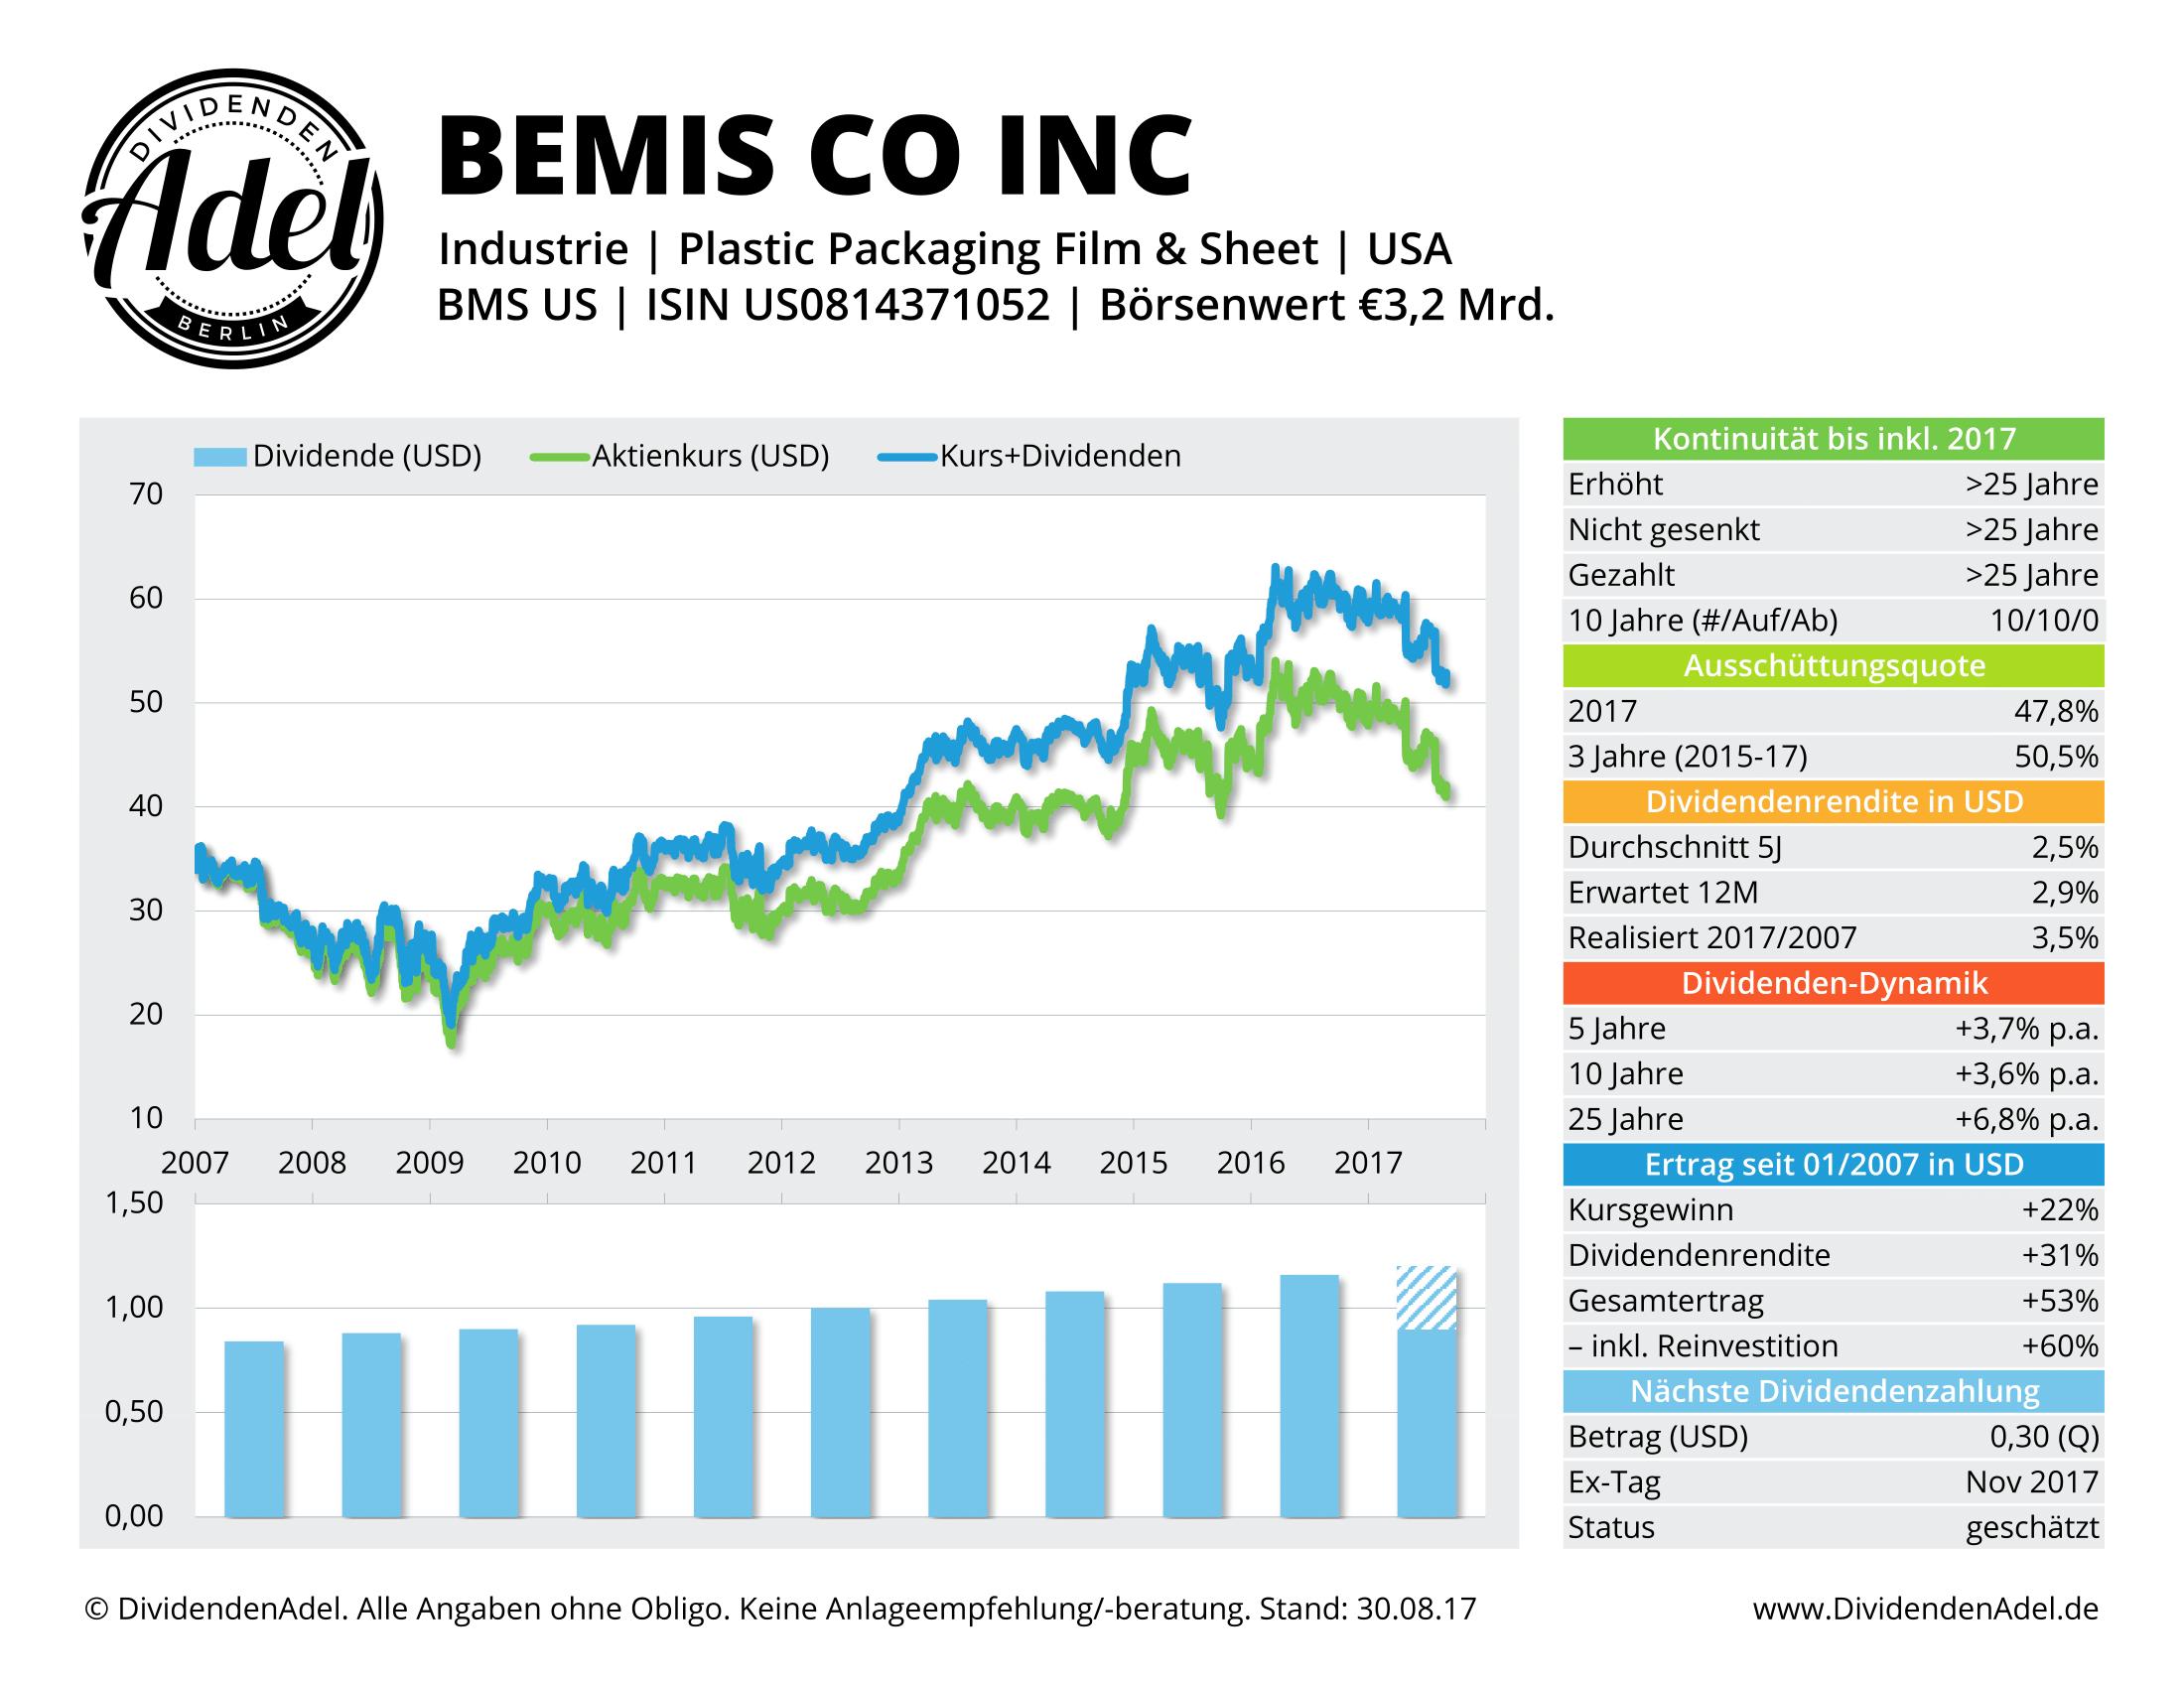 BEMIS CO DividendenAdel-Profil